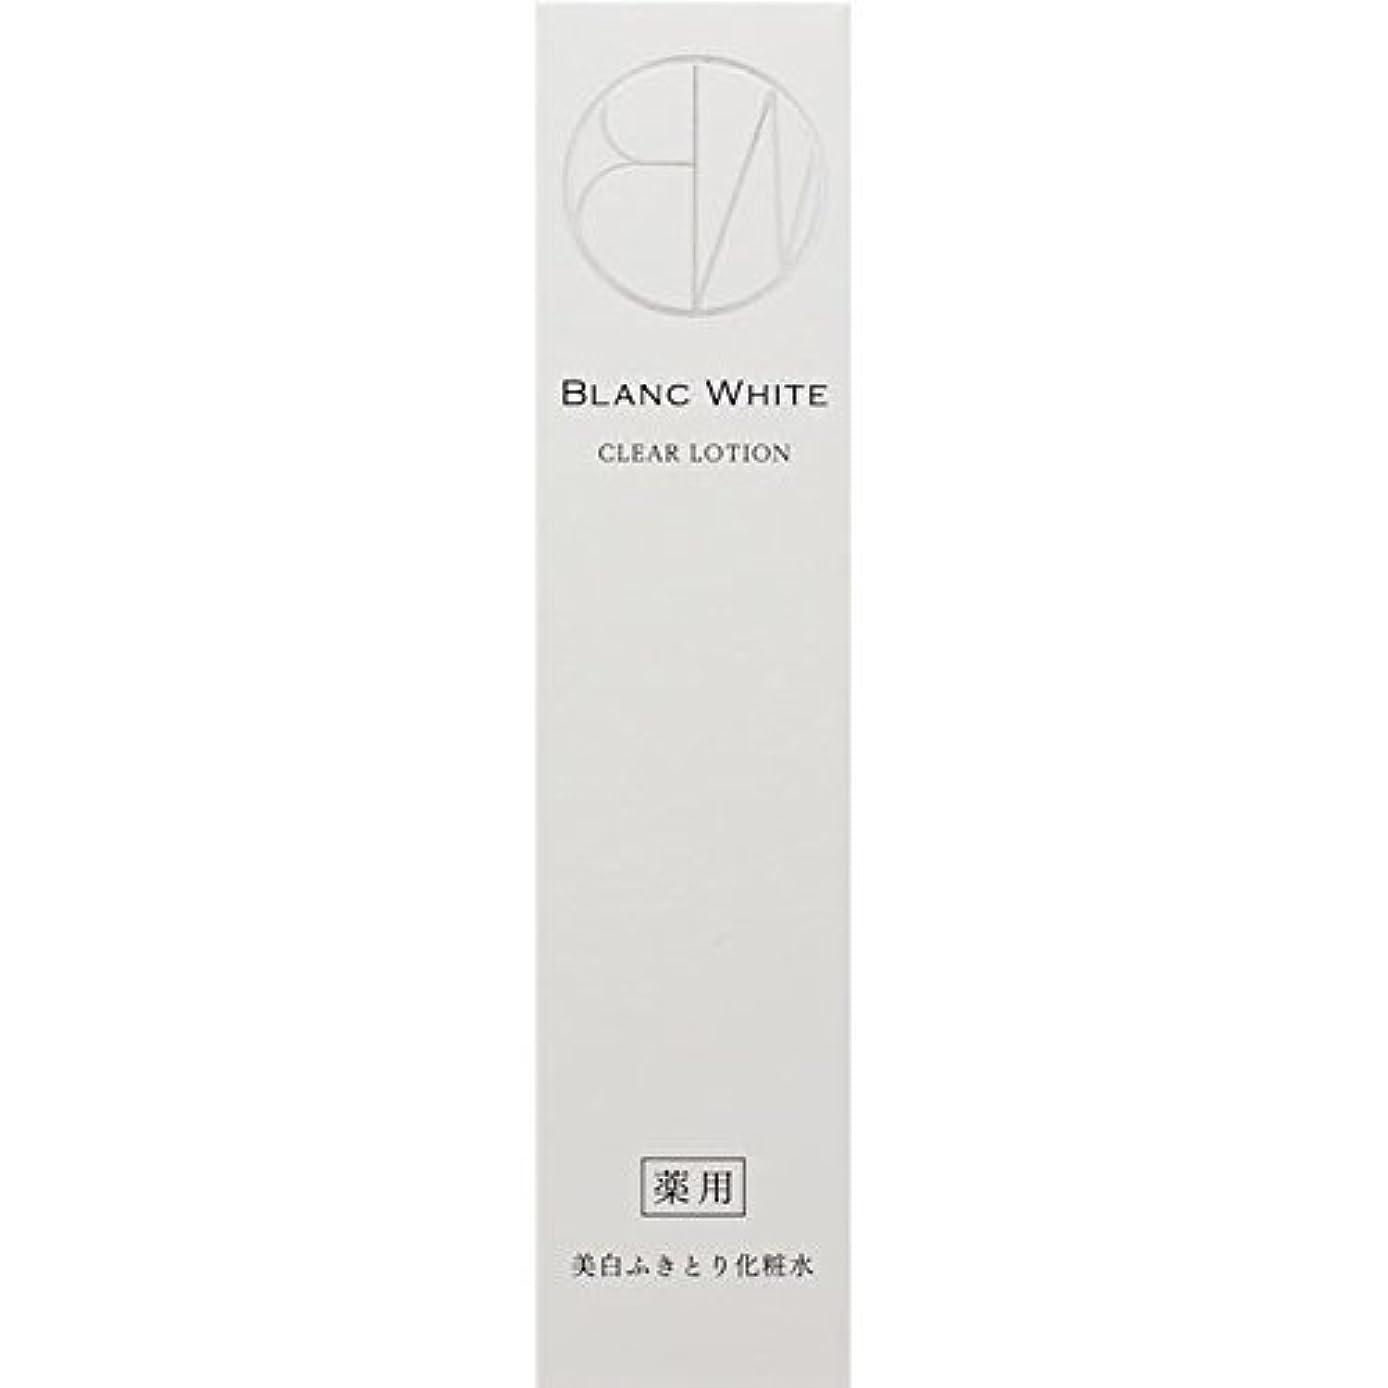 ブランホワイト クリアローション 160ml (医薬部外品)